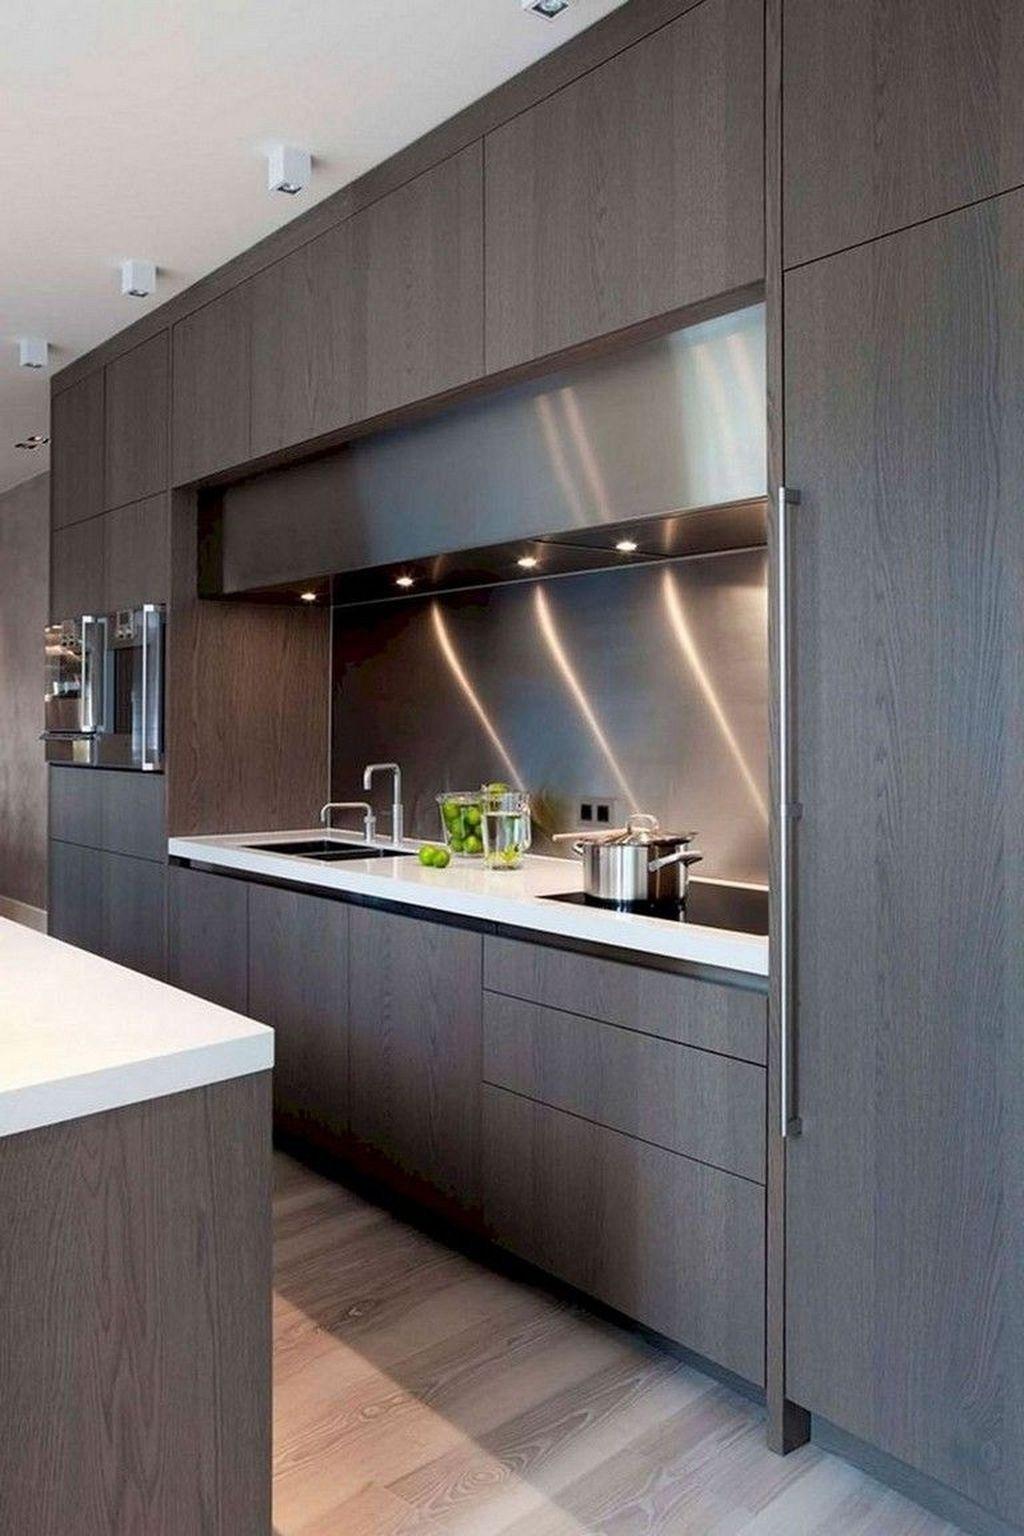 32 Stunning Modern Contemporary Kitchen Cabinet Design – Home Design